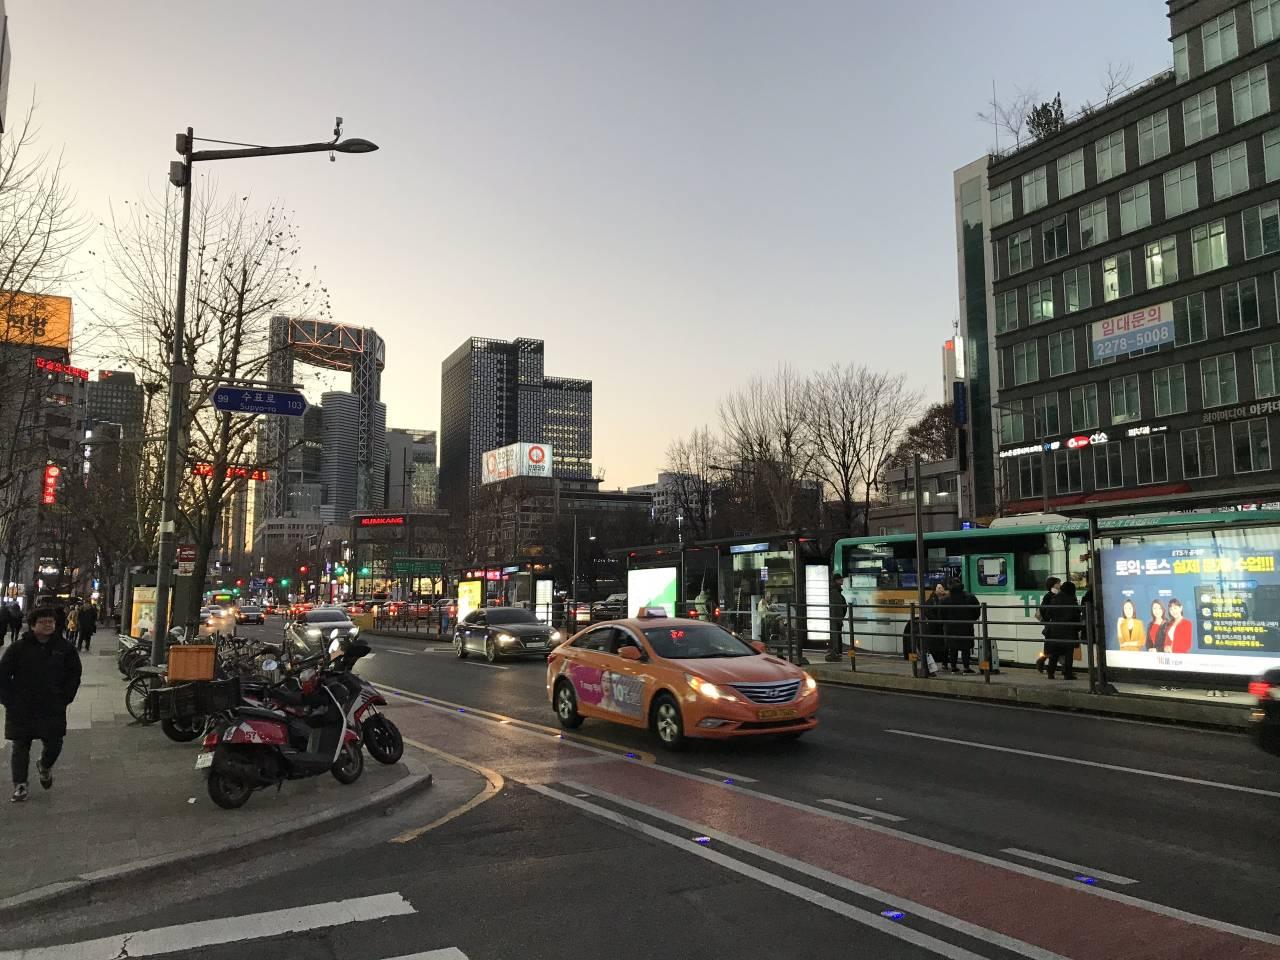 HÀN QUỐC: SEOUL - NAMI - EWHA